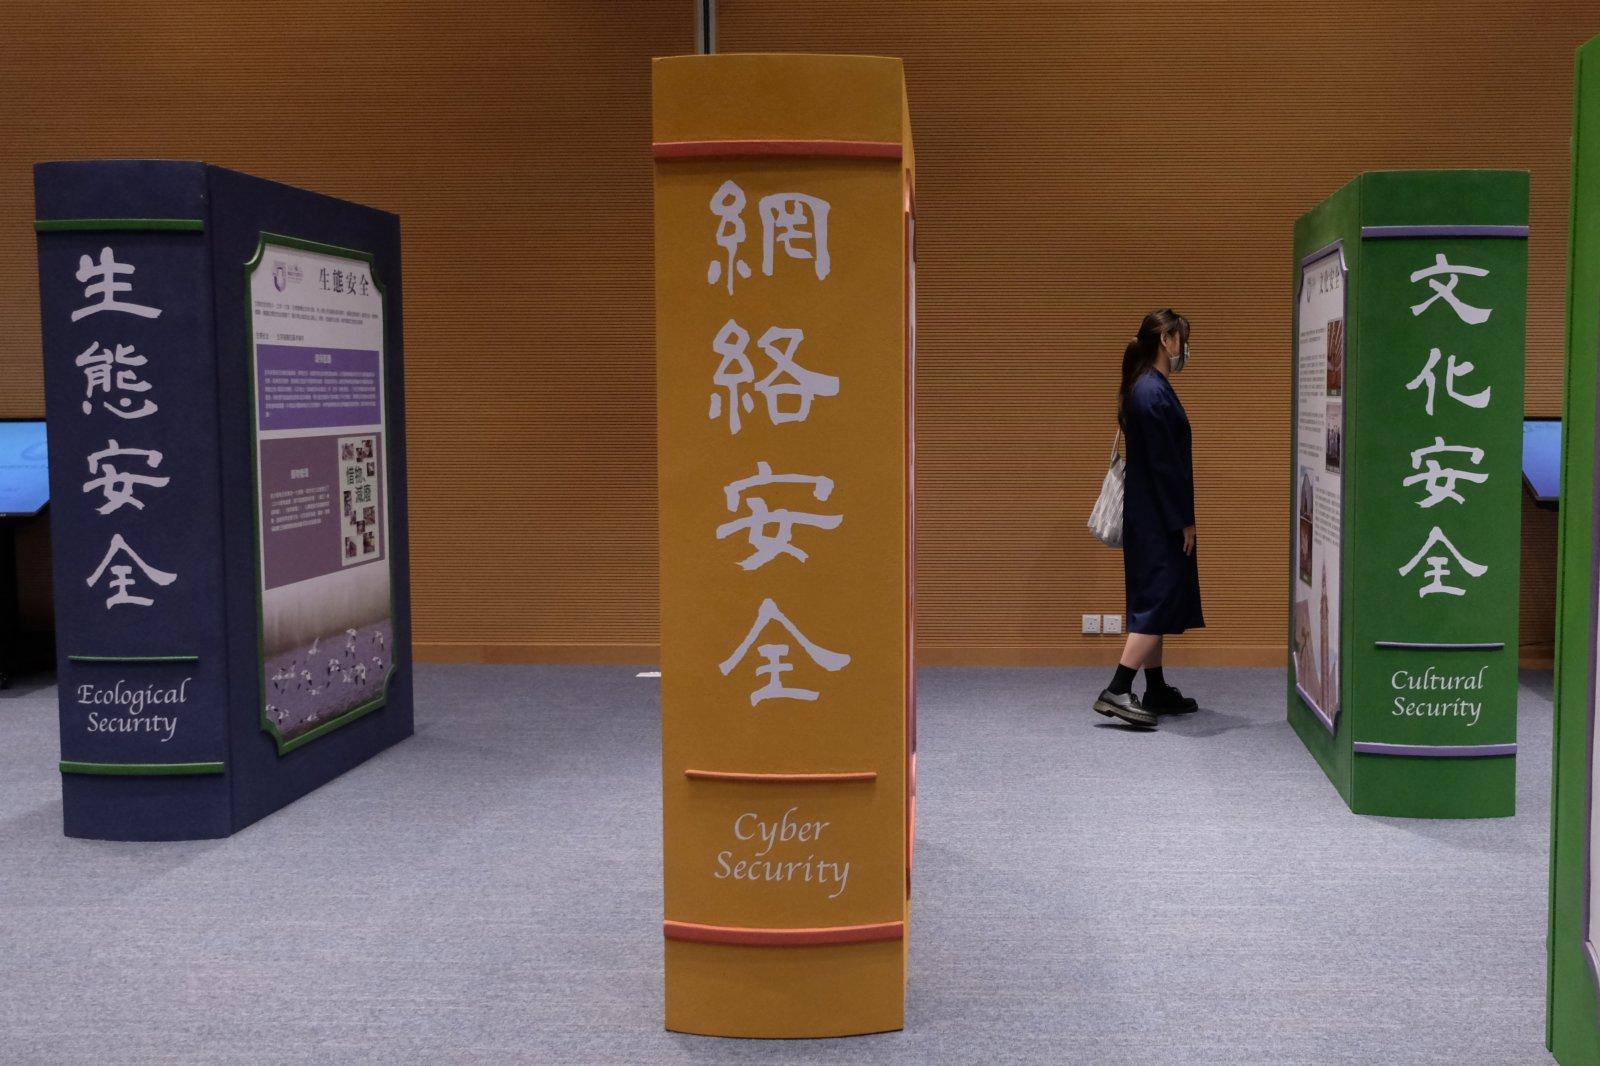 今日(15日)是「全民國家安全教育日」,政府在中環展城館舉辦公眾教育展覽,讓普羅大眾認識總體國家安全觀對國家安全理論和實踐,以及香港國安法對維護國家安全和貫徹「一國兩制」的重要性。透過展覽,巿民可以親身細閱及體驗各項有關國家安全的多媒體資料。(大公文匯全媒體記者麥鈞傑攝)